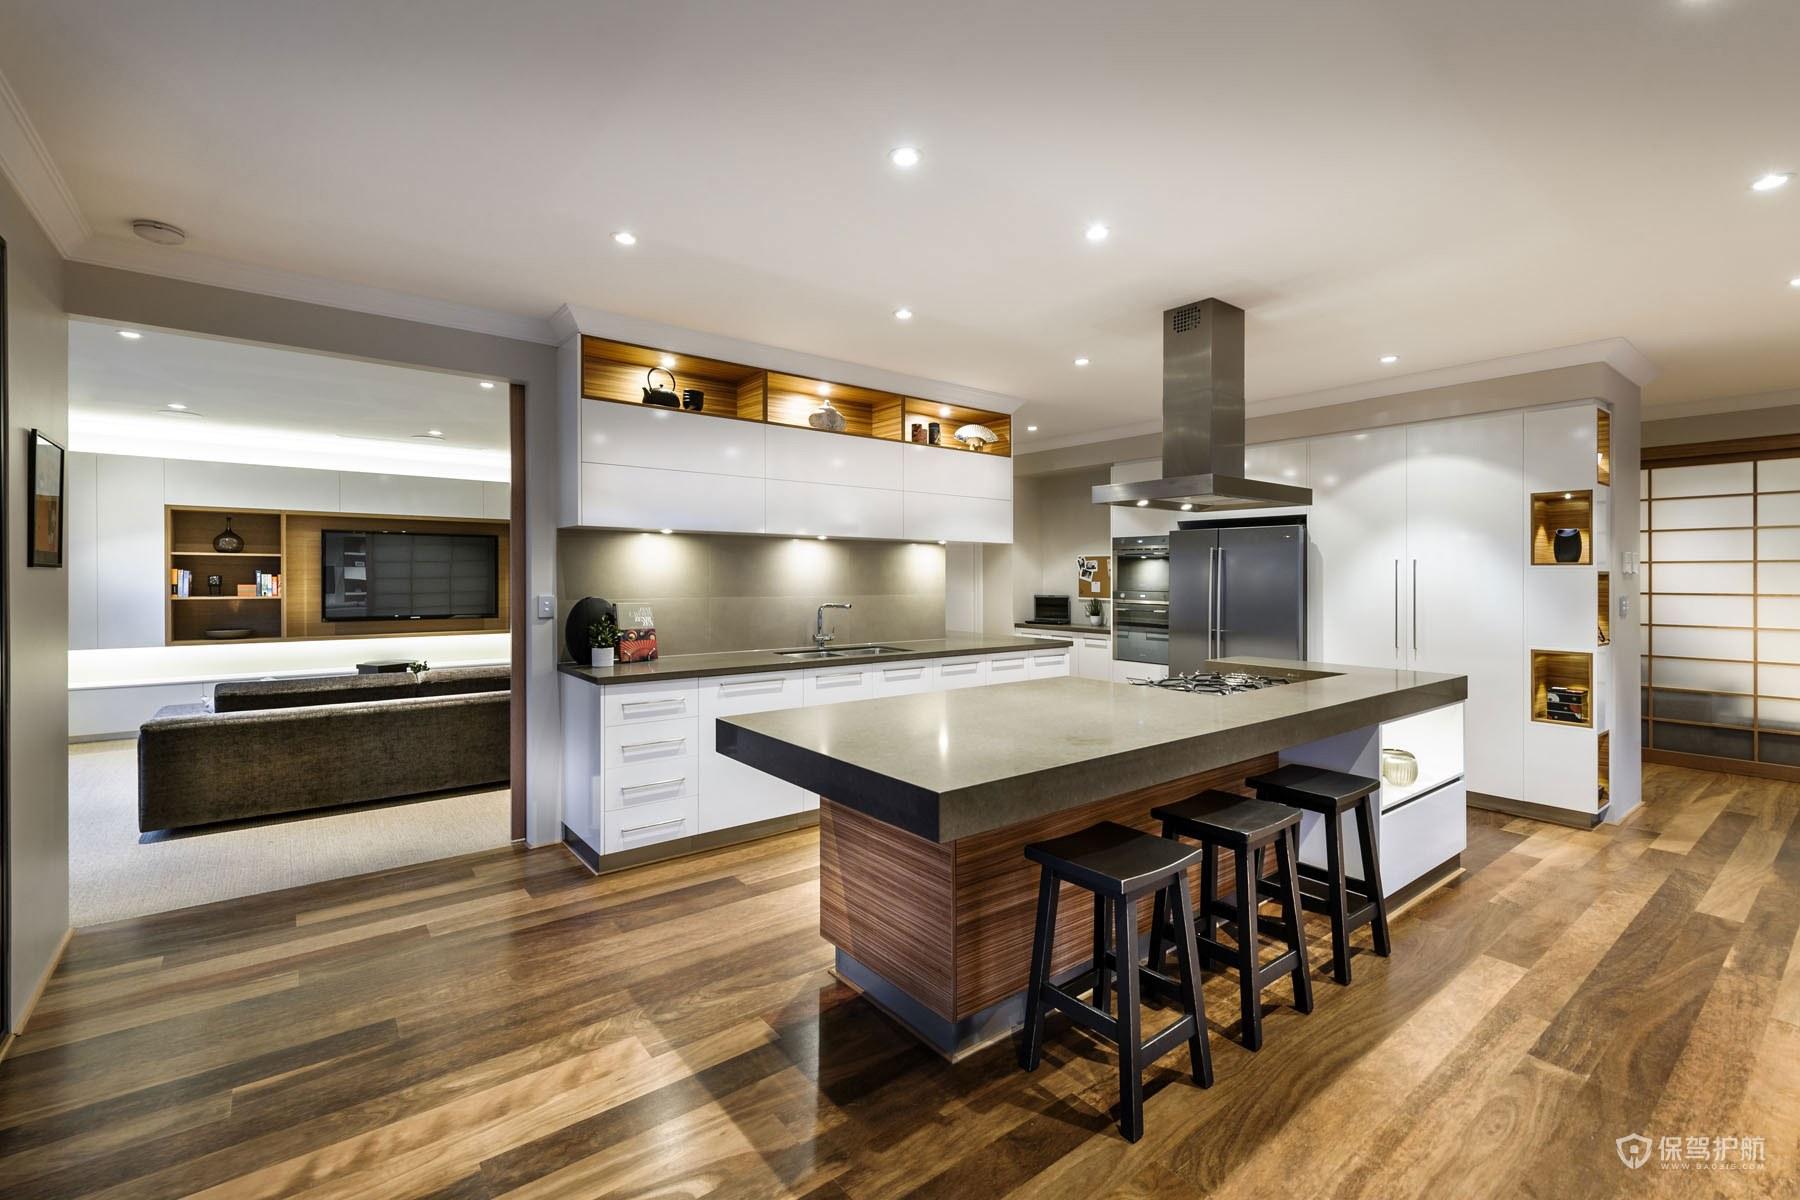 开放式厨房怎么挡油烟?开放式厨房装修技巧